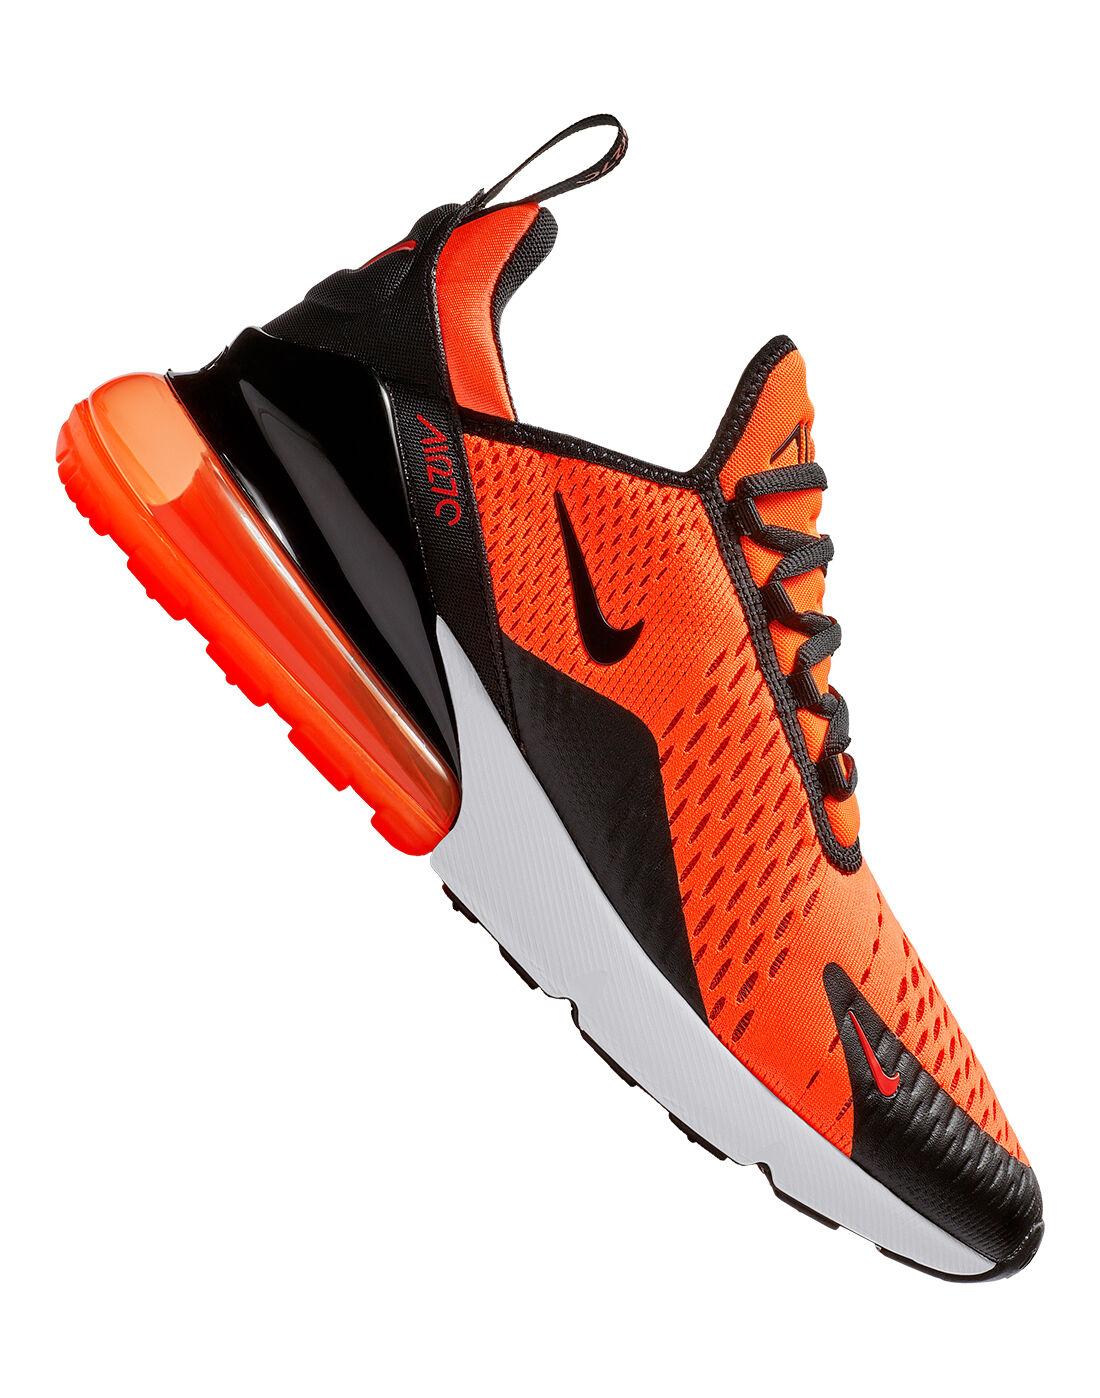 Men's Orange Nike Air Max 270 | Life